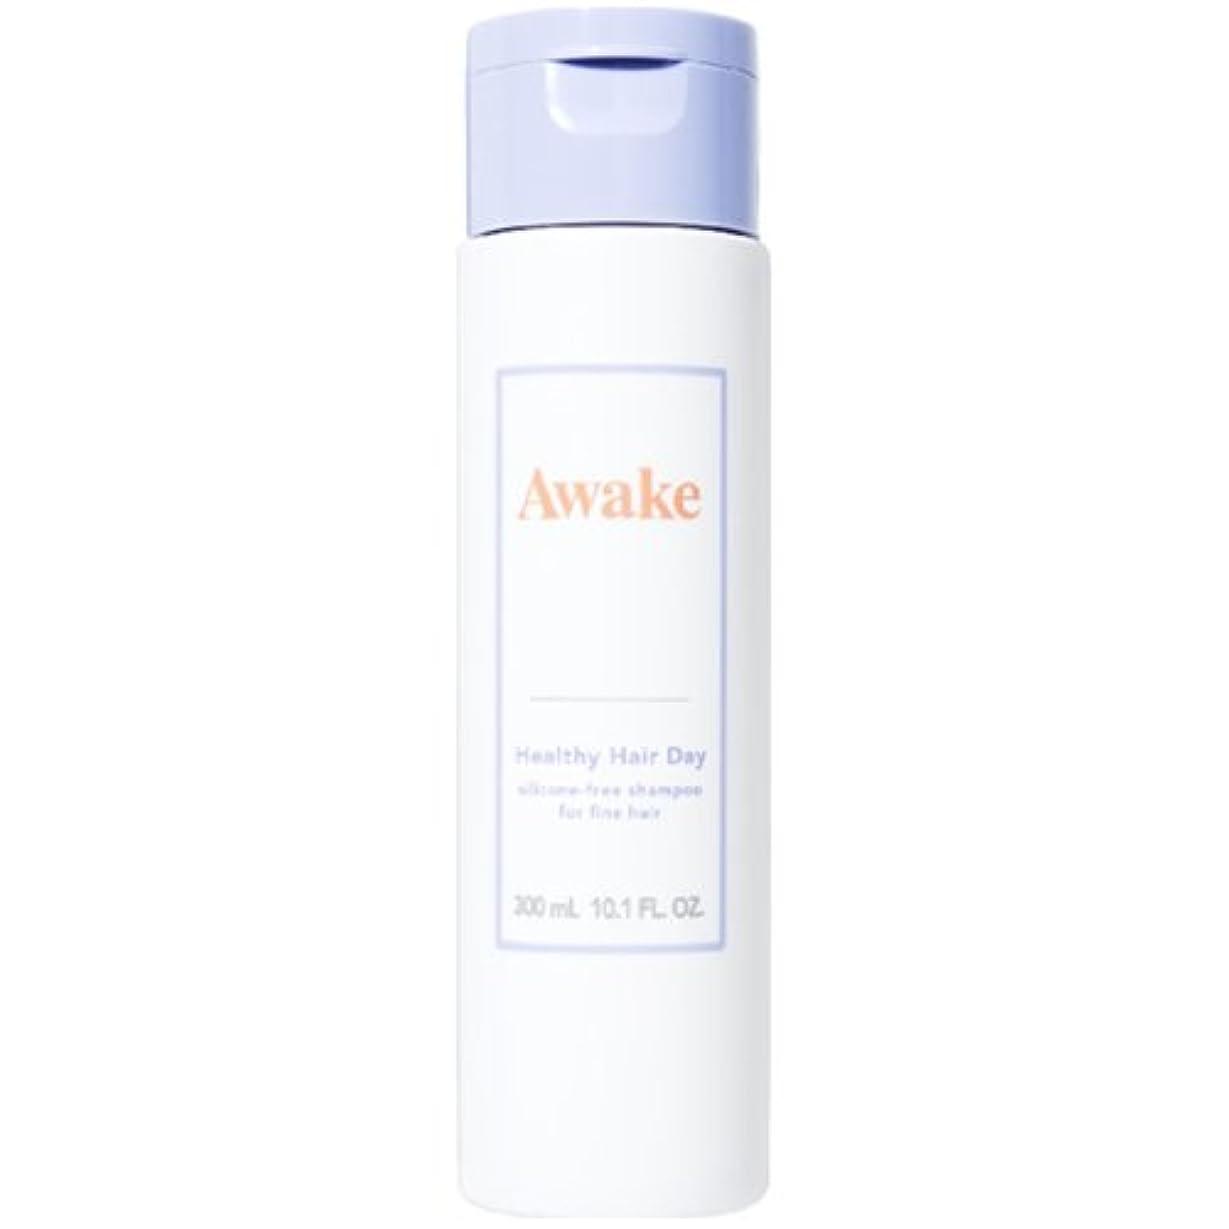 毒液すべて段階アウェイク(AWAKE) Awake(アウェイク) ヘルシーヘアデイ シリコーンフリー ヘアシャンプー ハリコシアップヘア用 (300mL)